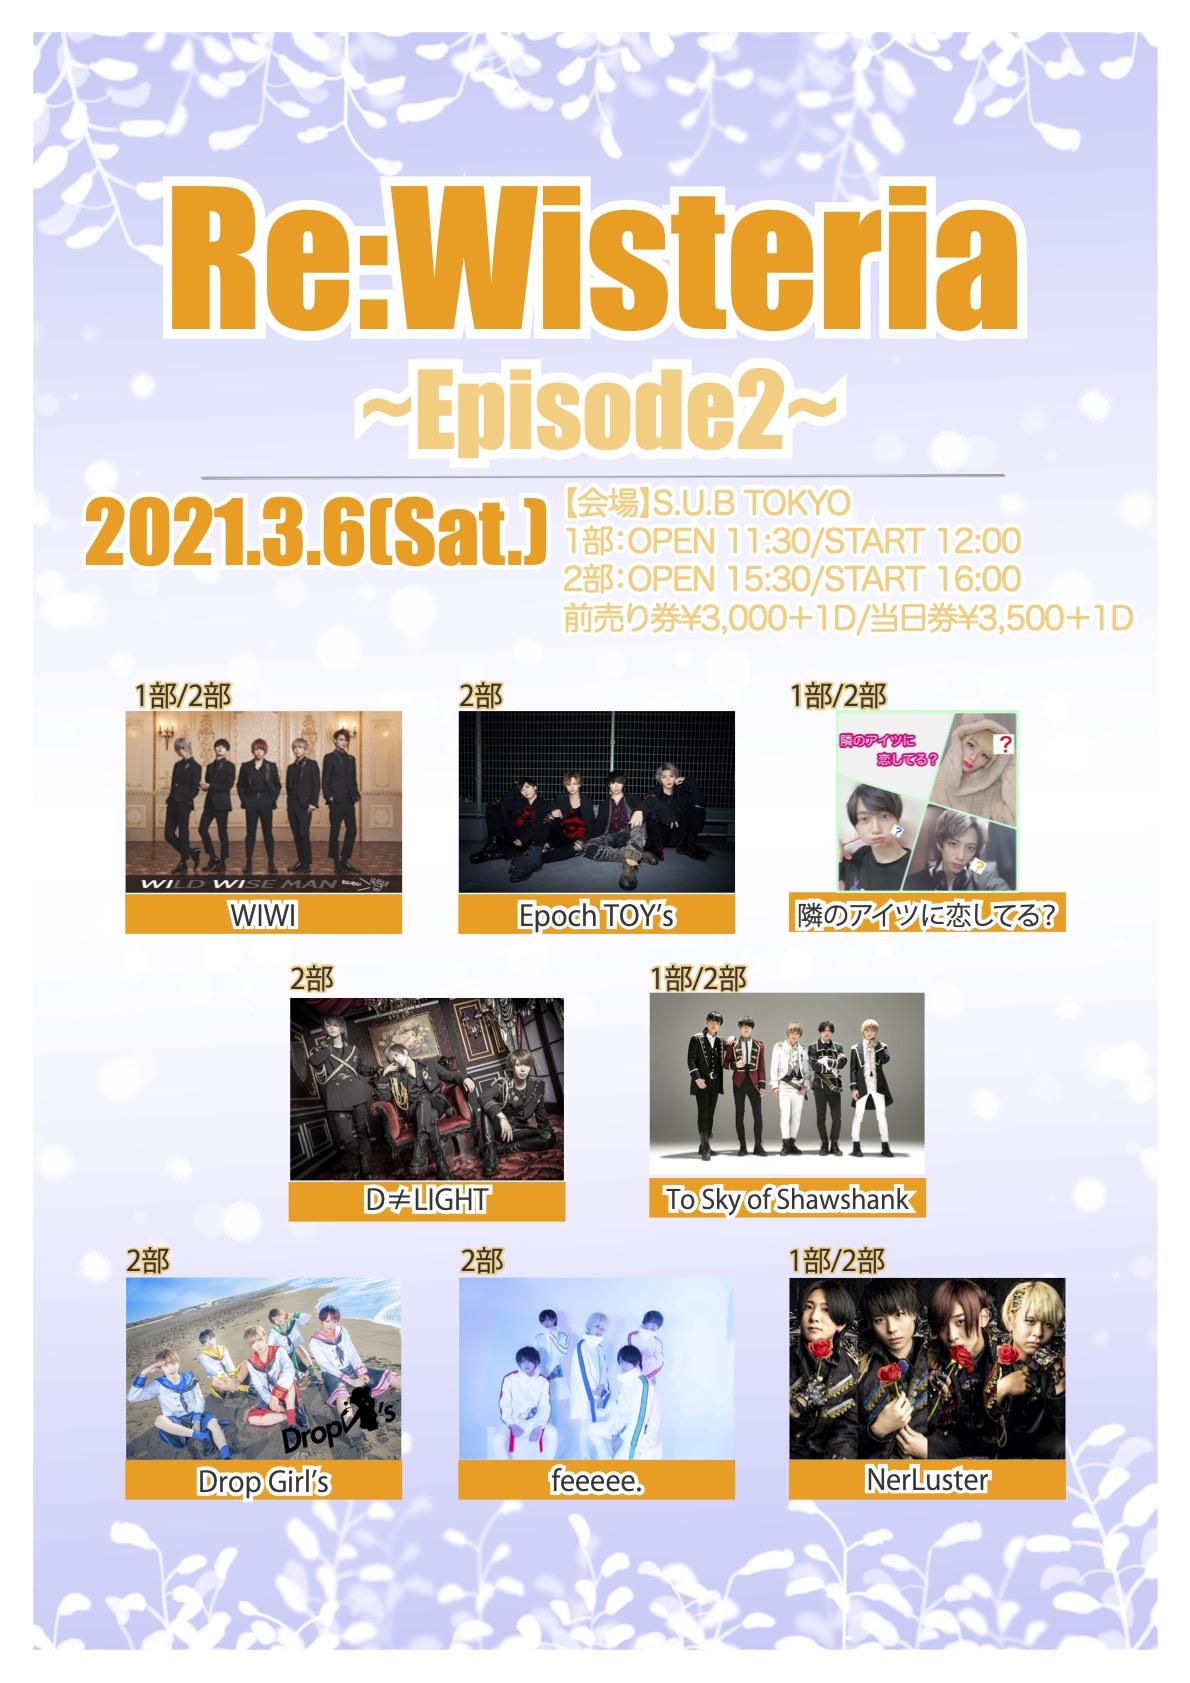 Re:Wisteria~Episode2~ 2部